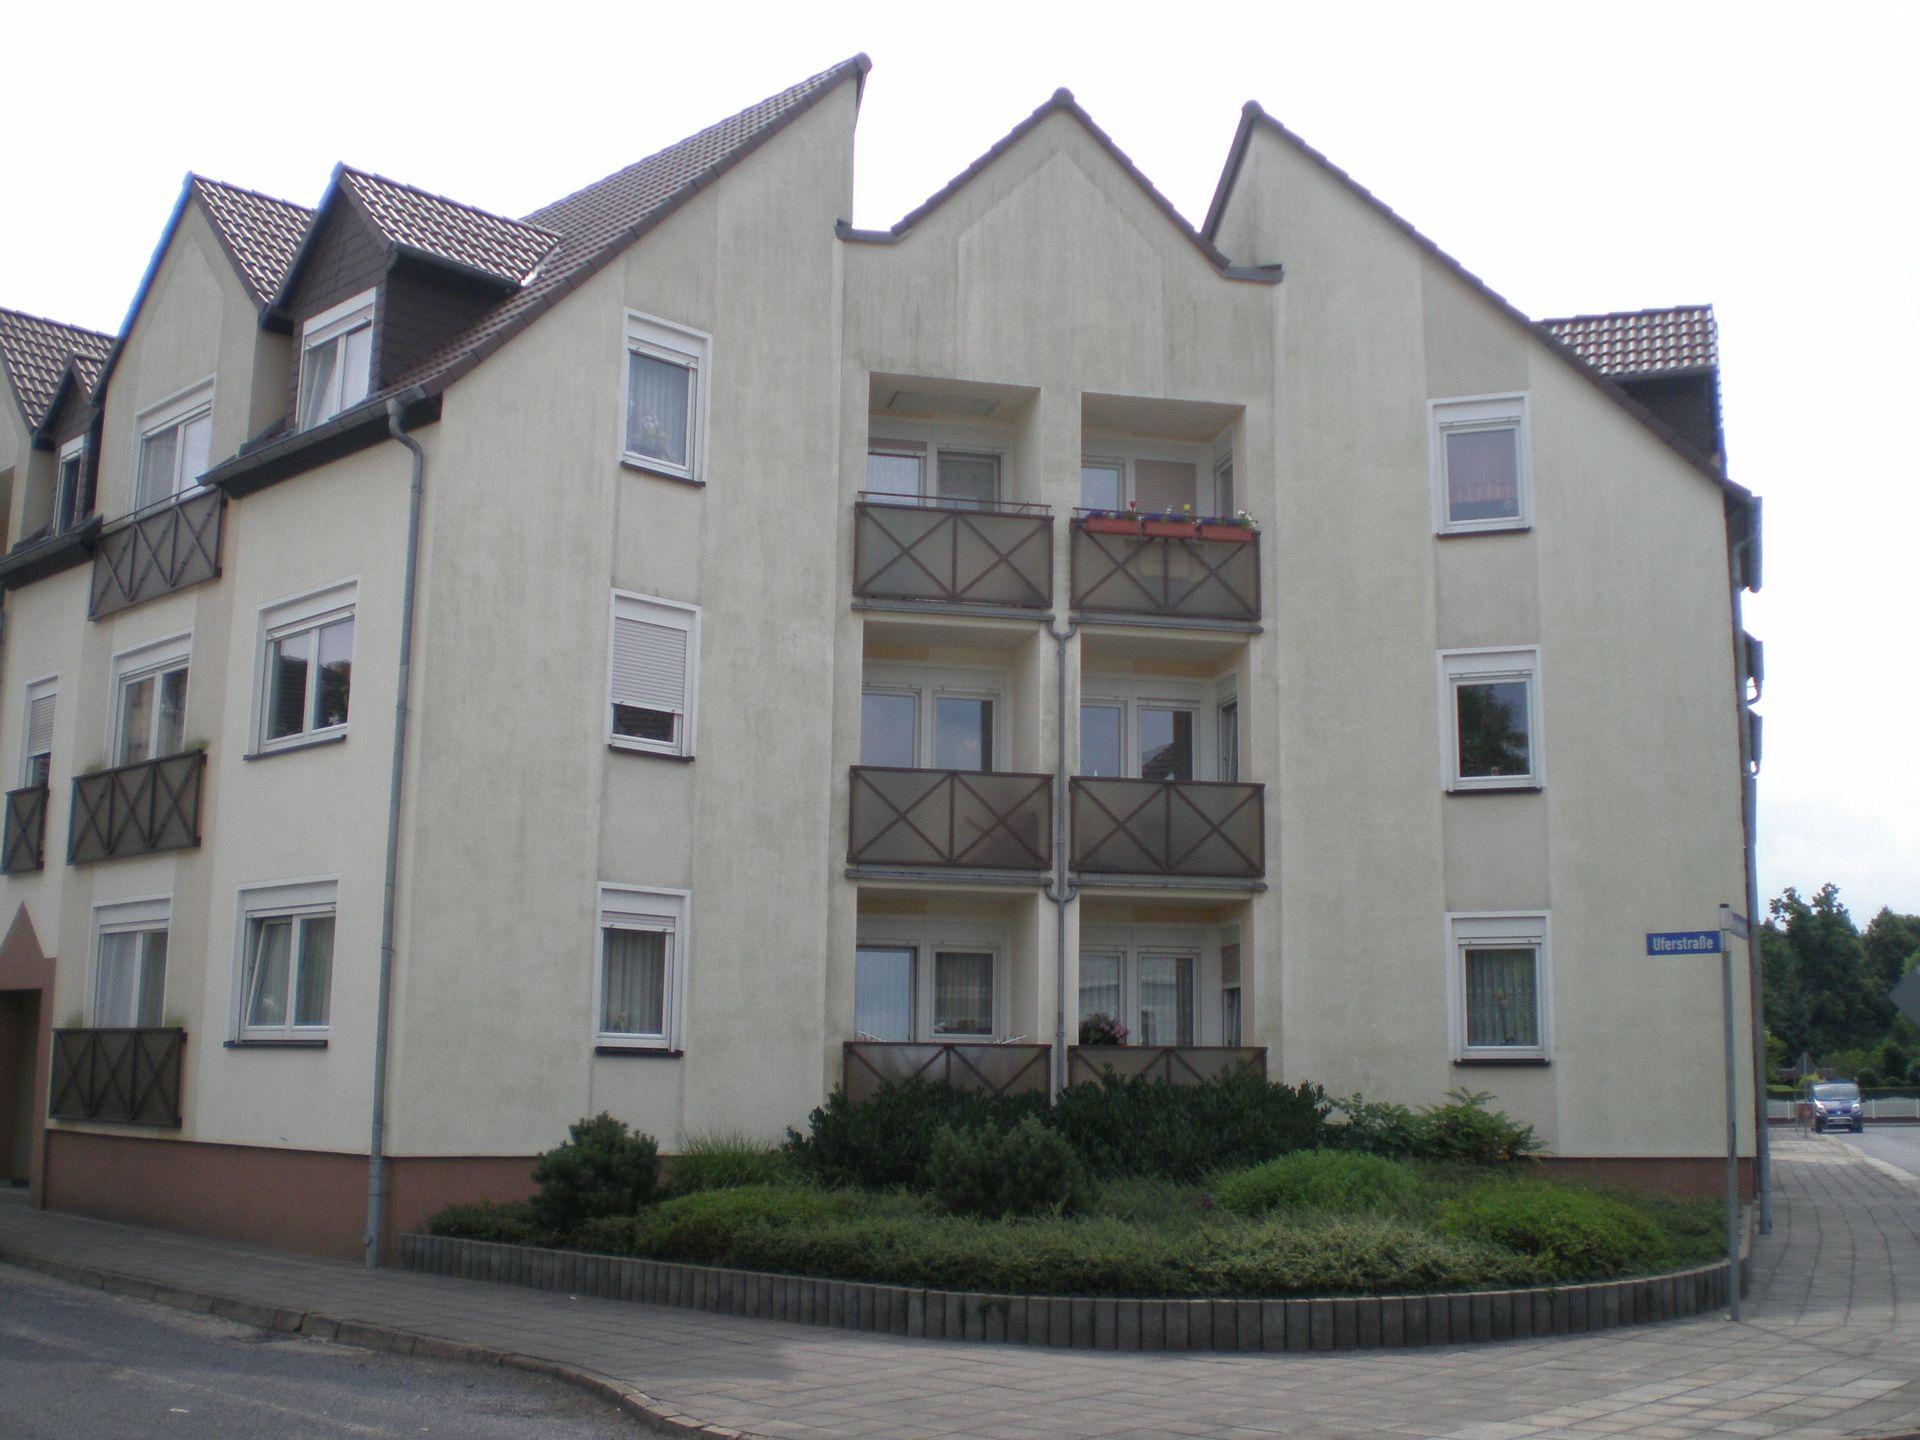 Wohnungen und Häuser zum Mieten und Kaufen in